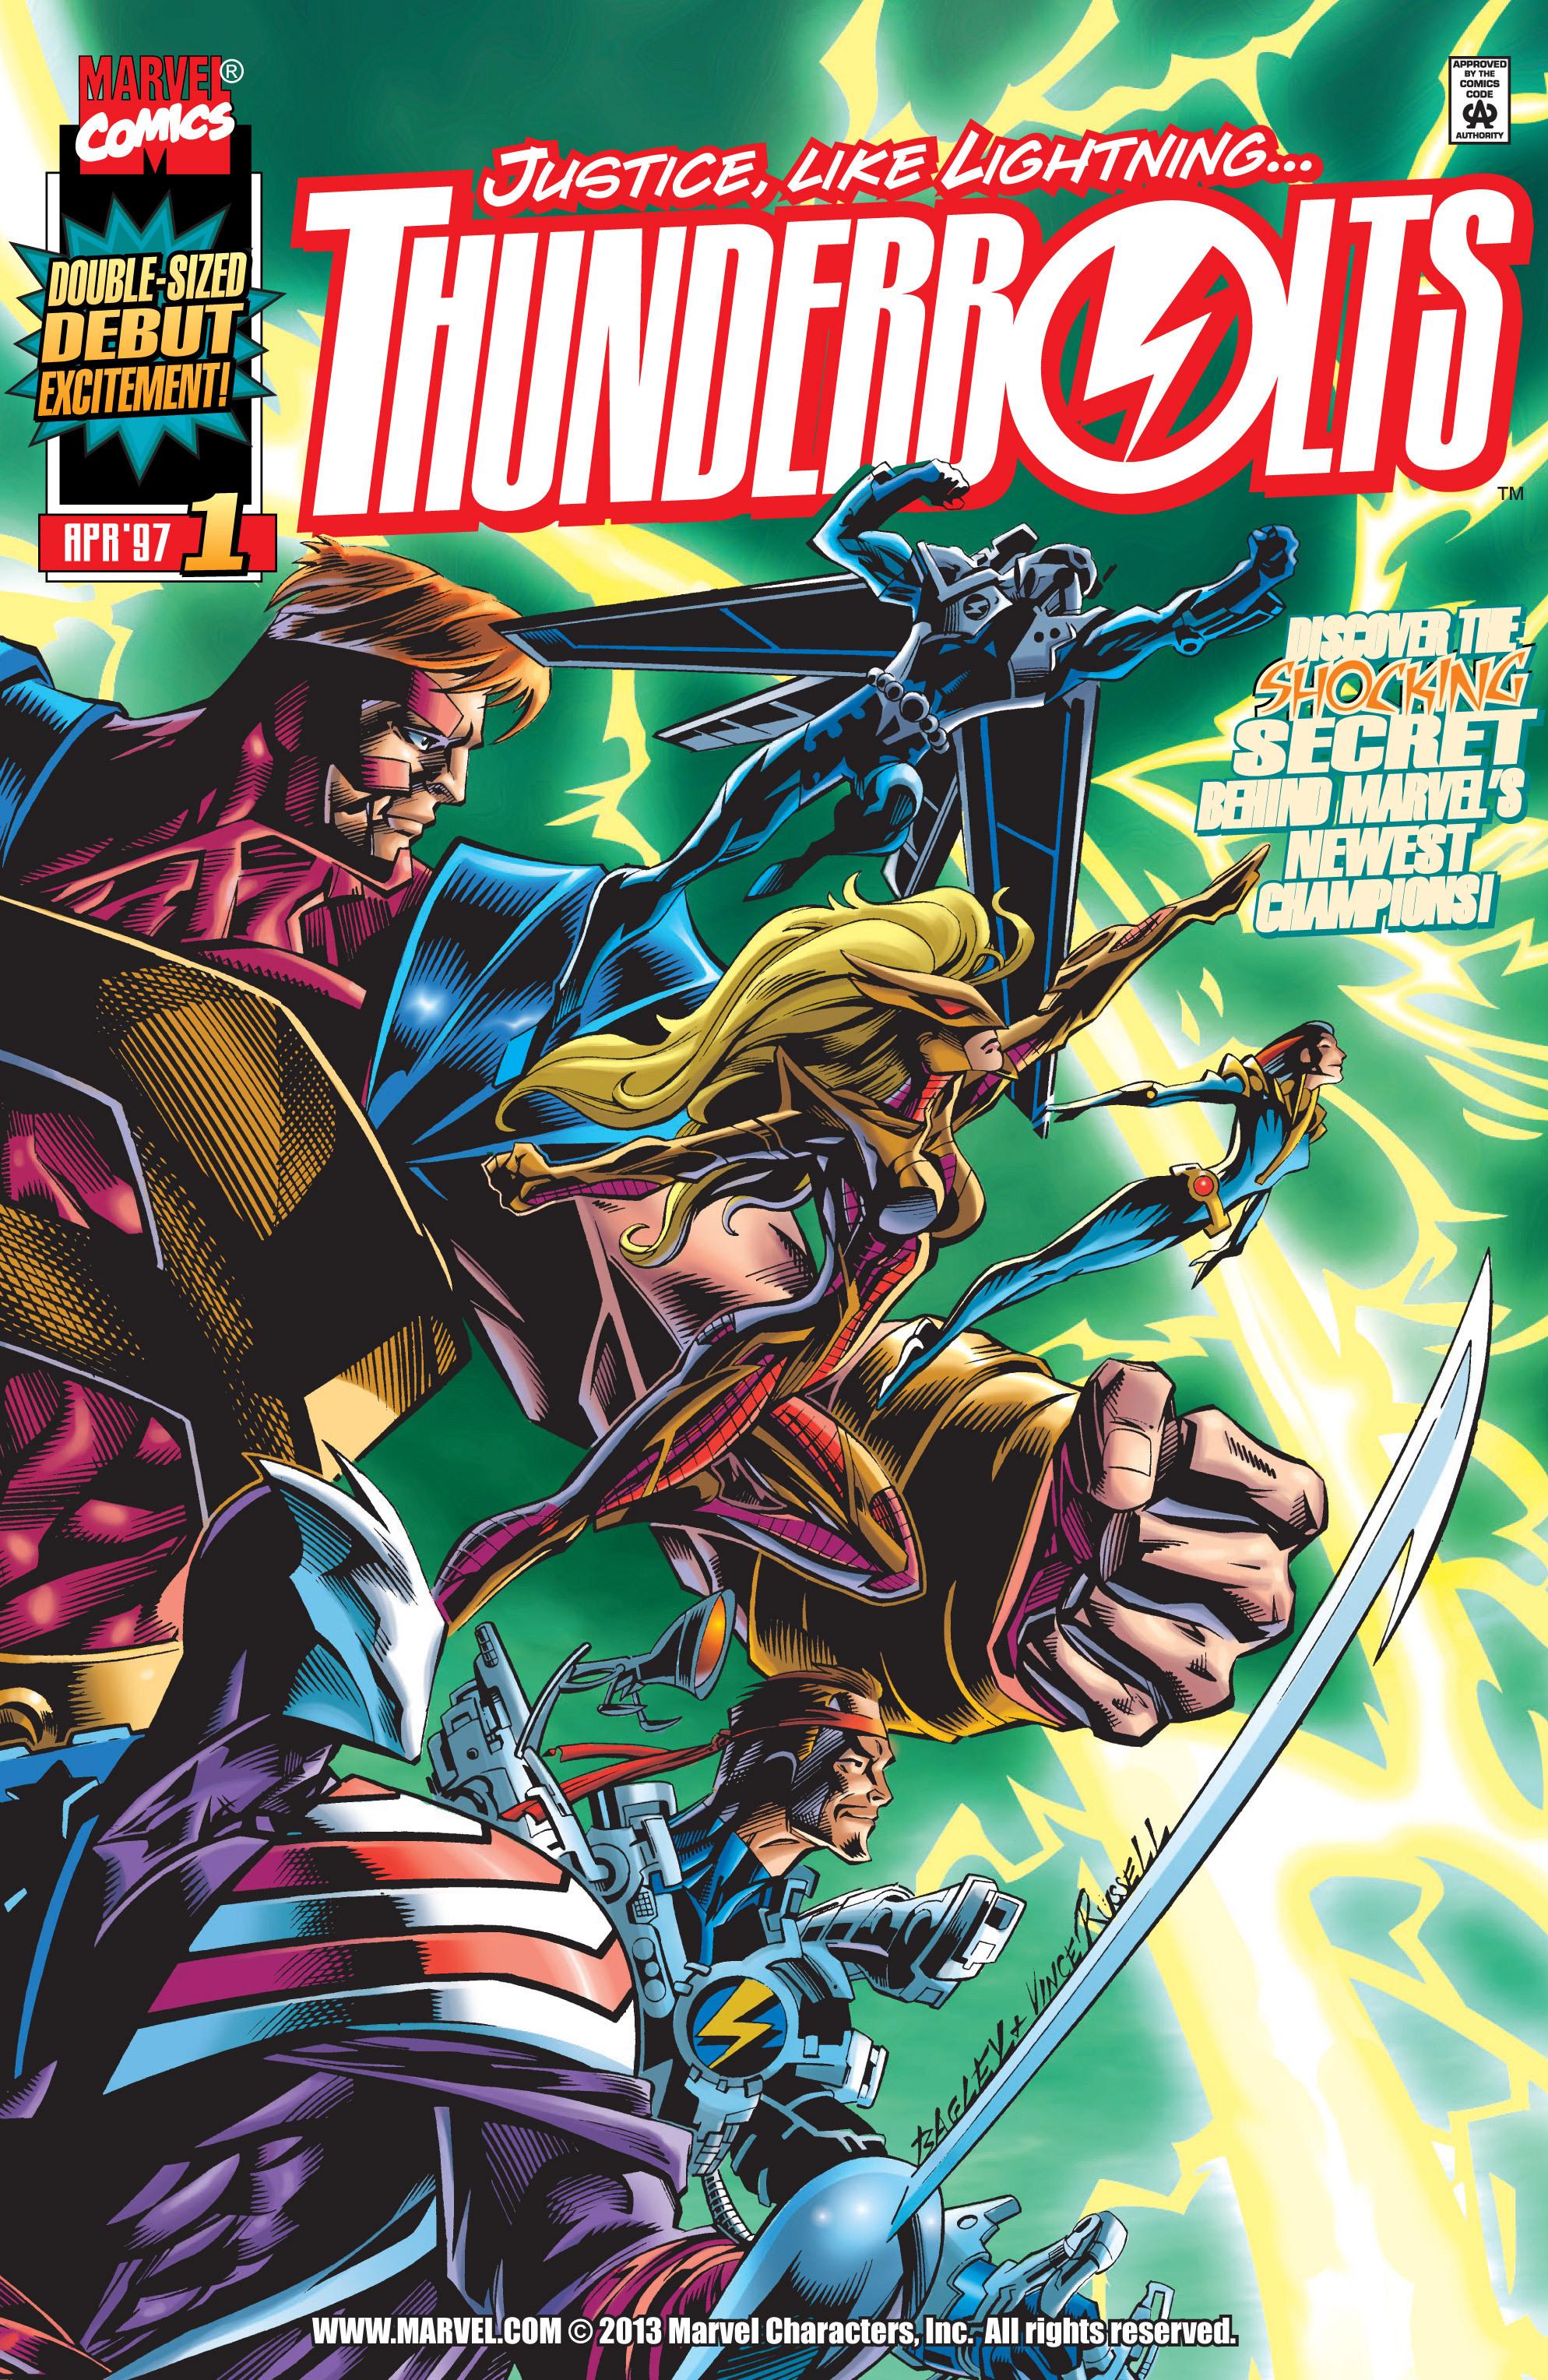 COLECCIÓN DEFINITIVA: THUNDERBOLTS [UL] [cbr] Thunderbolts_Vol_1_1